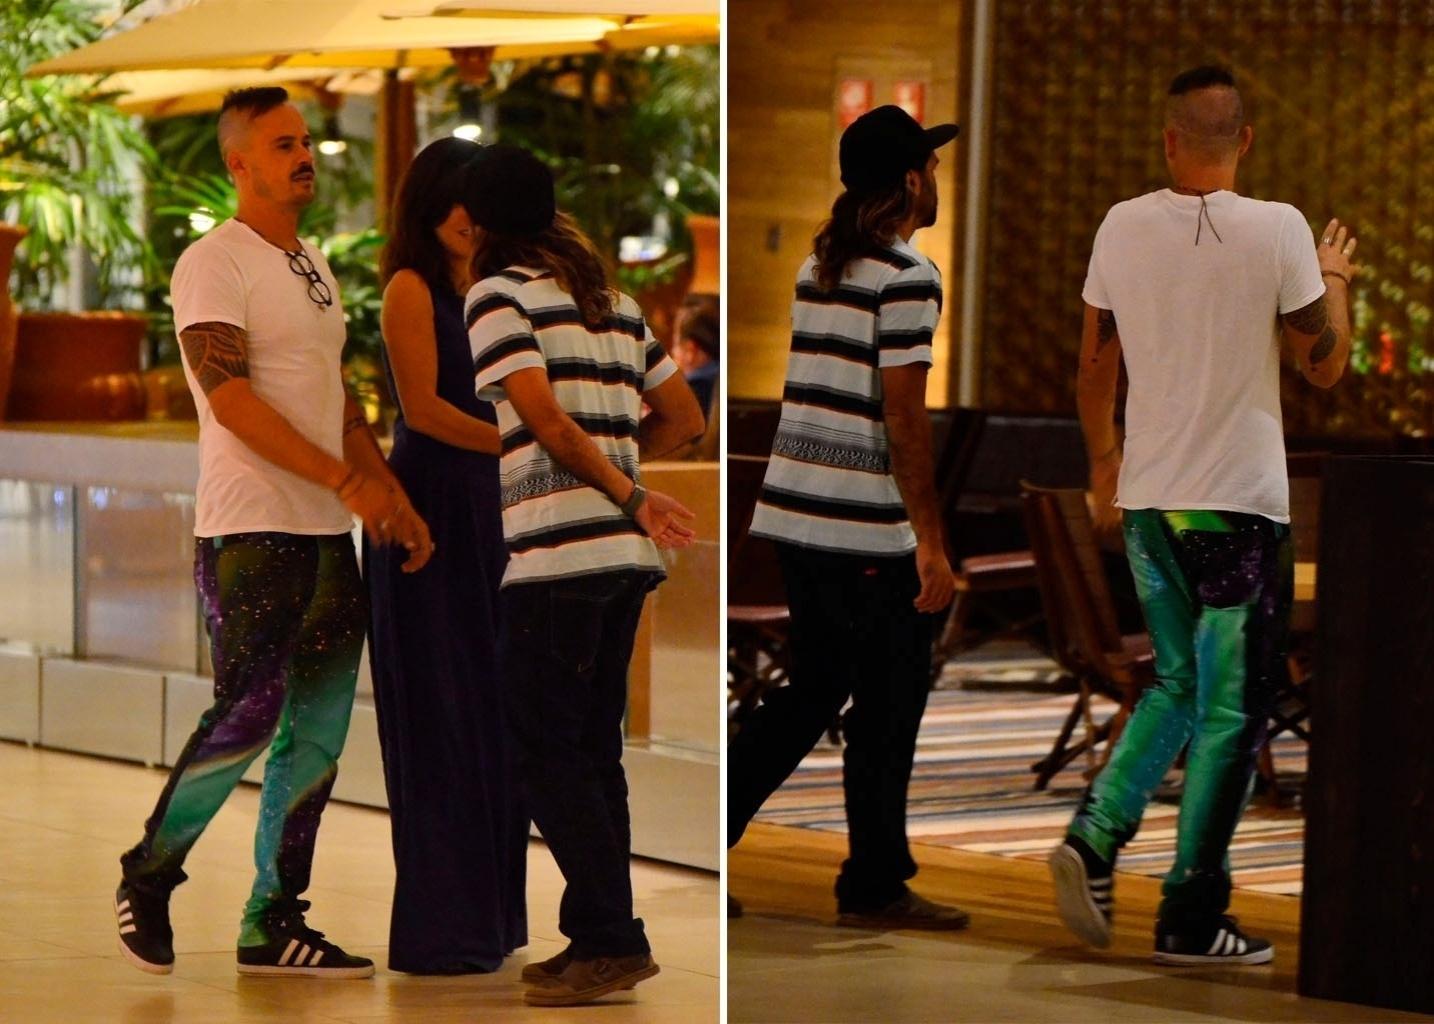 7.ago.2014 - Paulinho Vilhena se encontra com amigos para um jantar com amigos em um shopping da Barra da Tijuca, na zona oeste do Rio de Janeiro, nesta quinta-feira